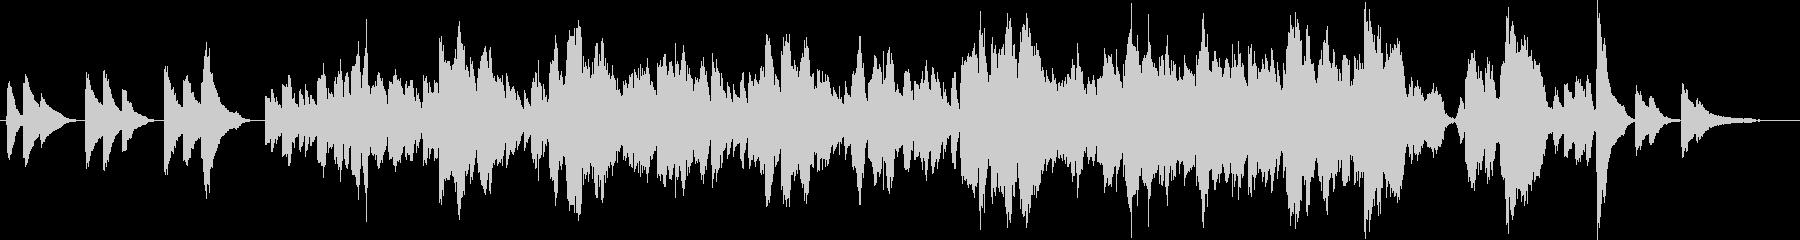 ベッリーニ作曲のクラシック声楽曲。イタ…の未再生の波形